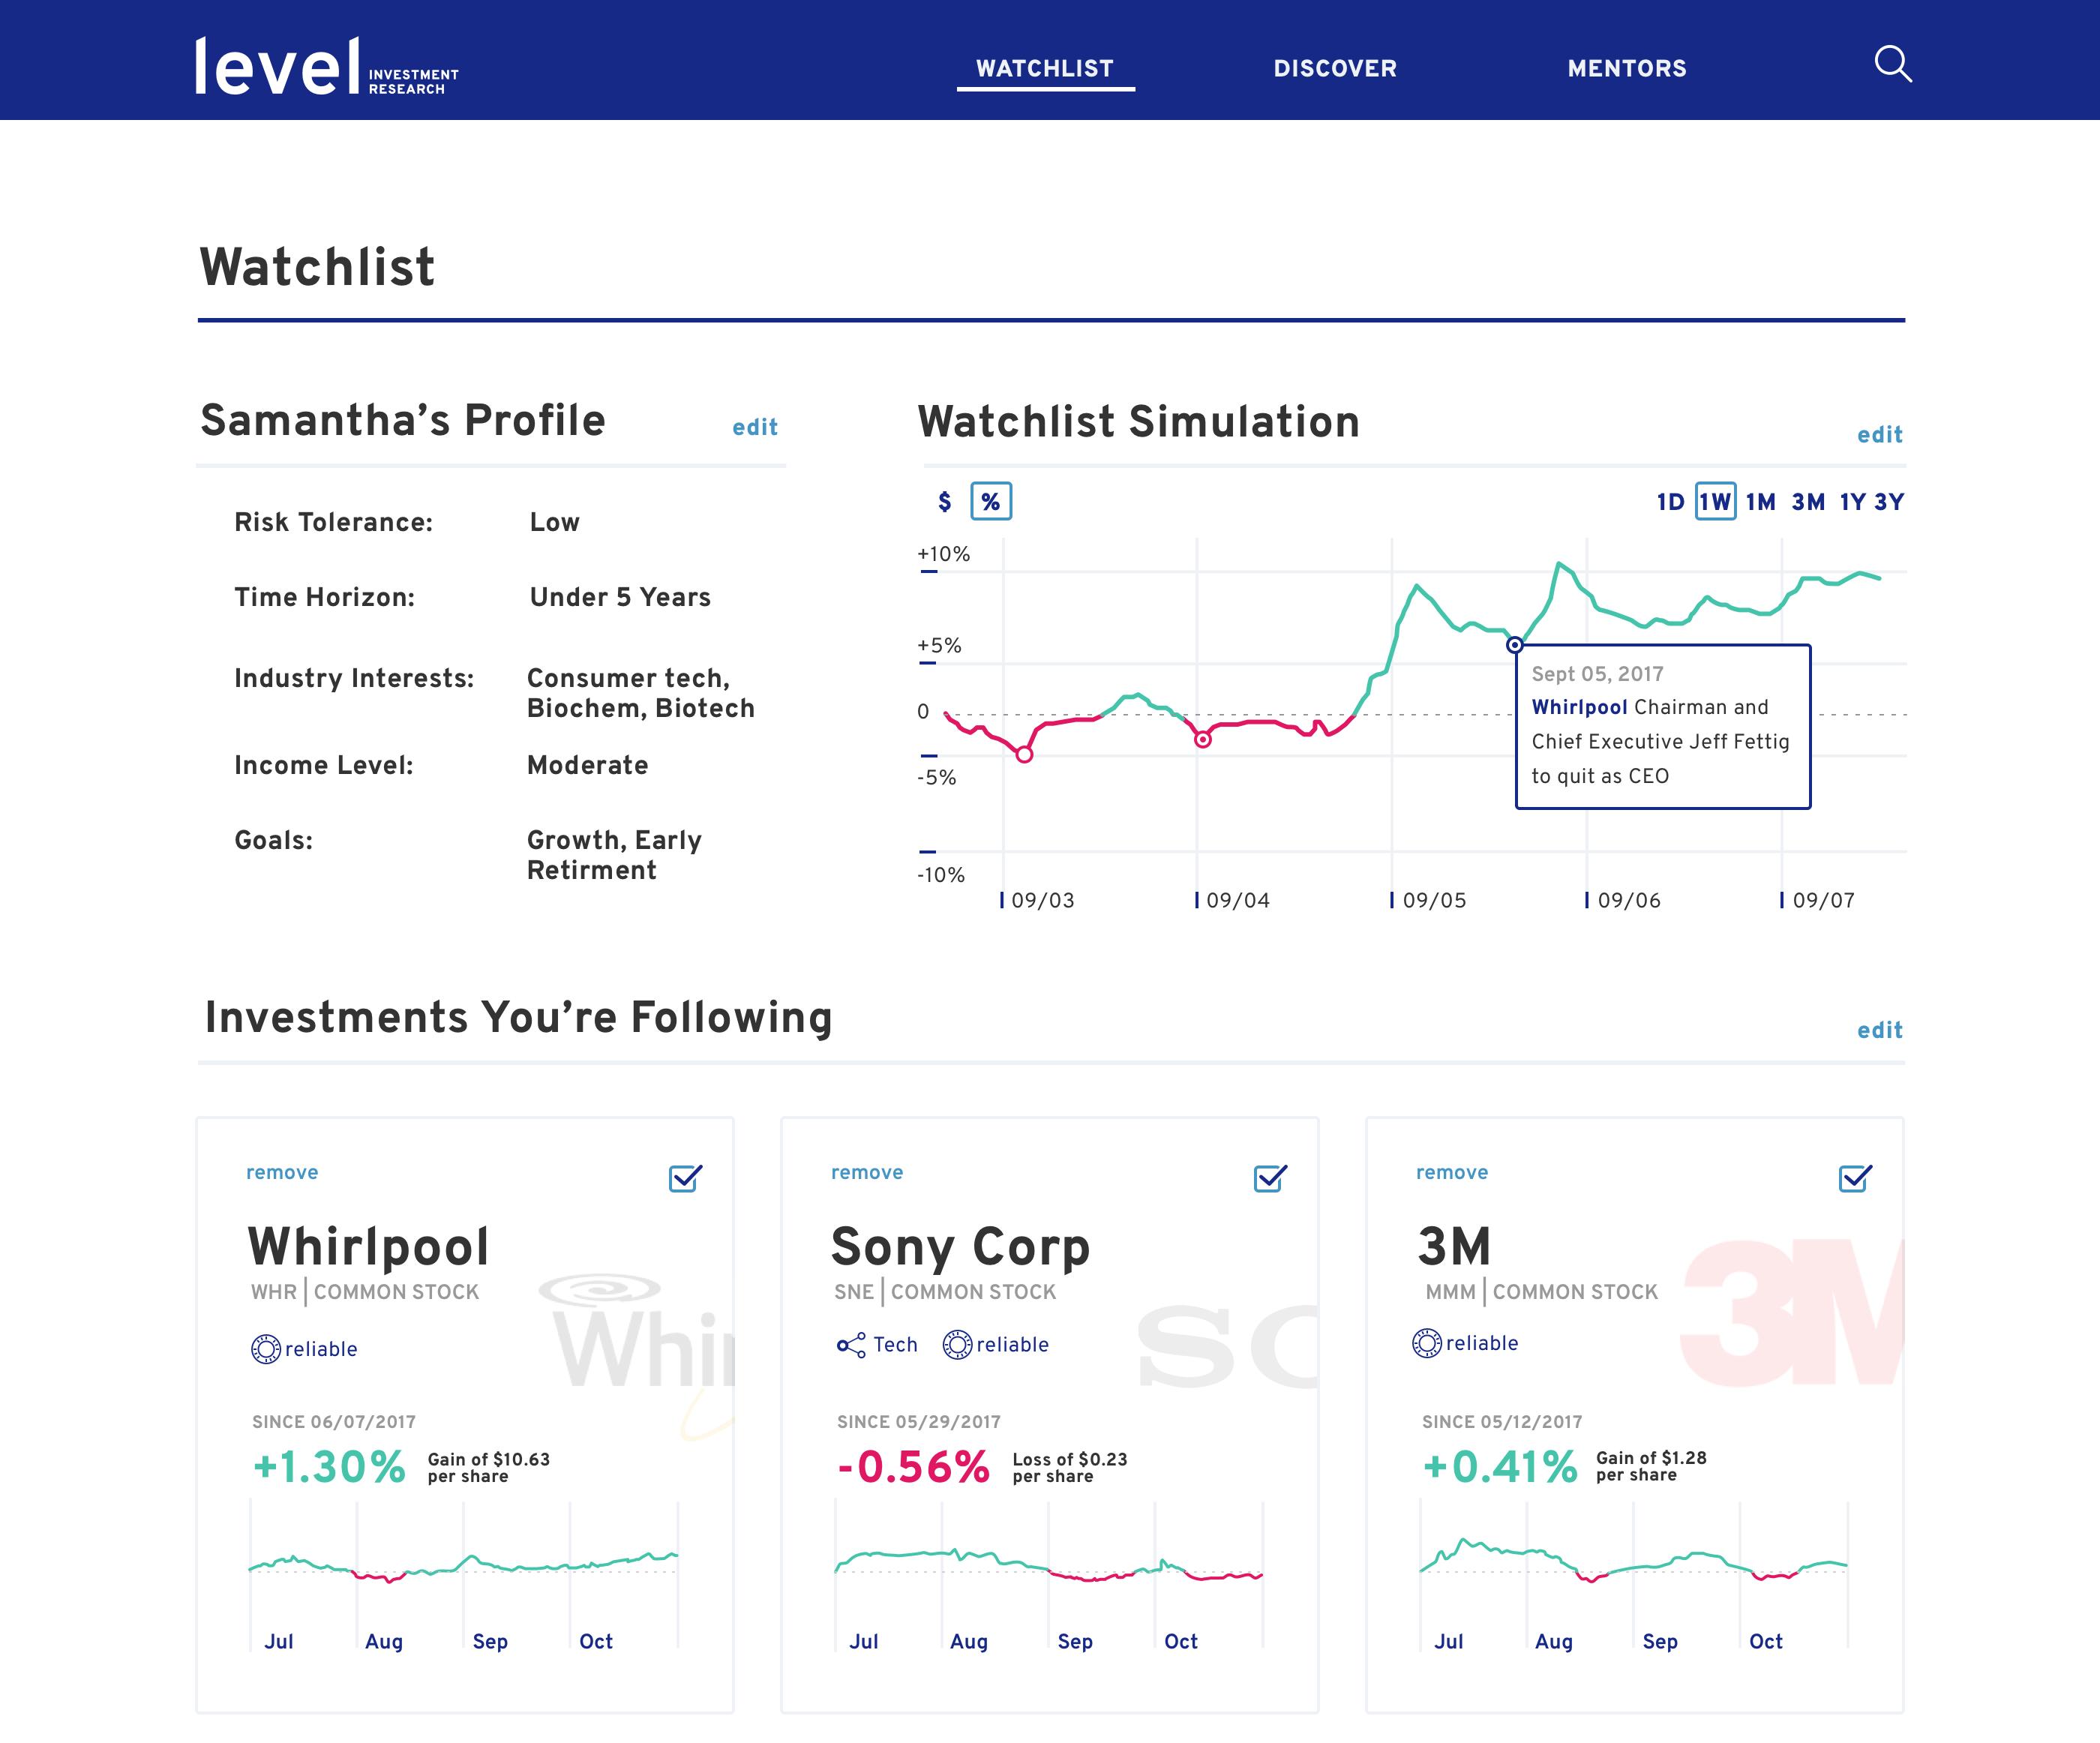 Level watchlist